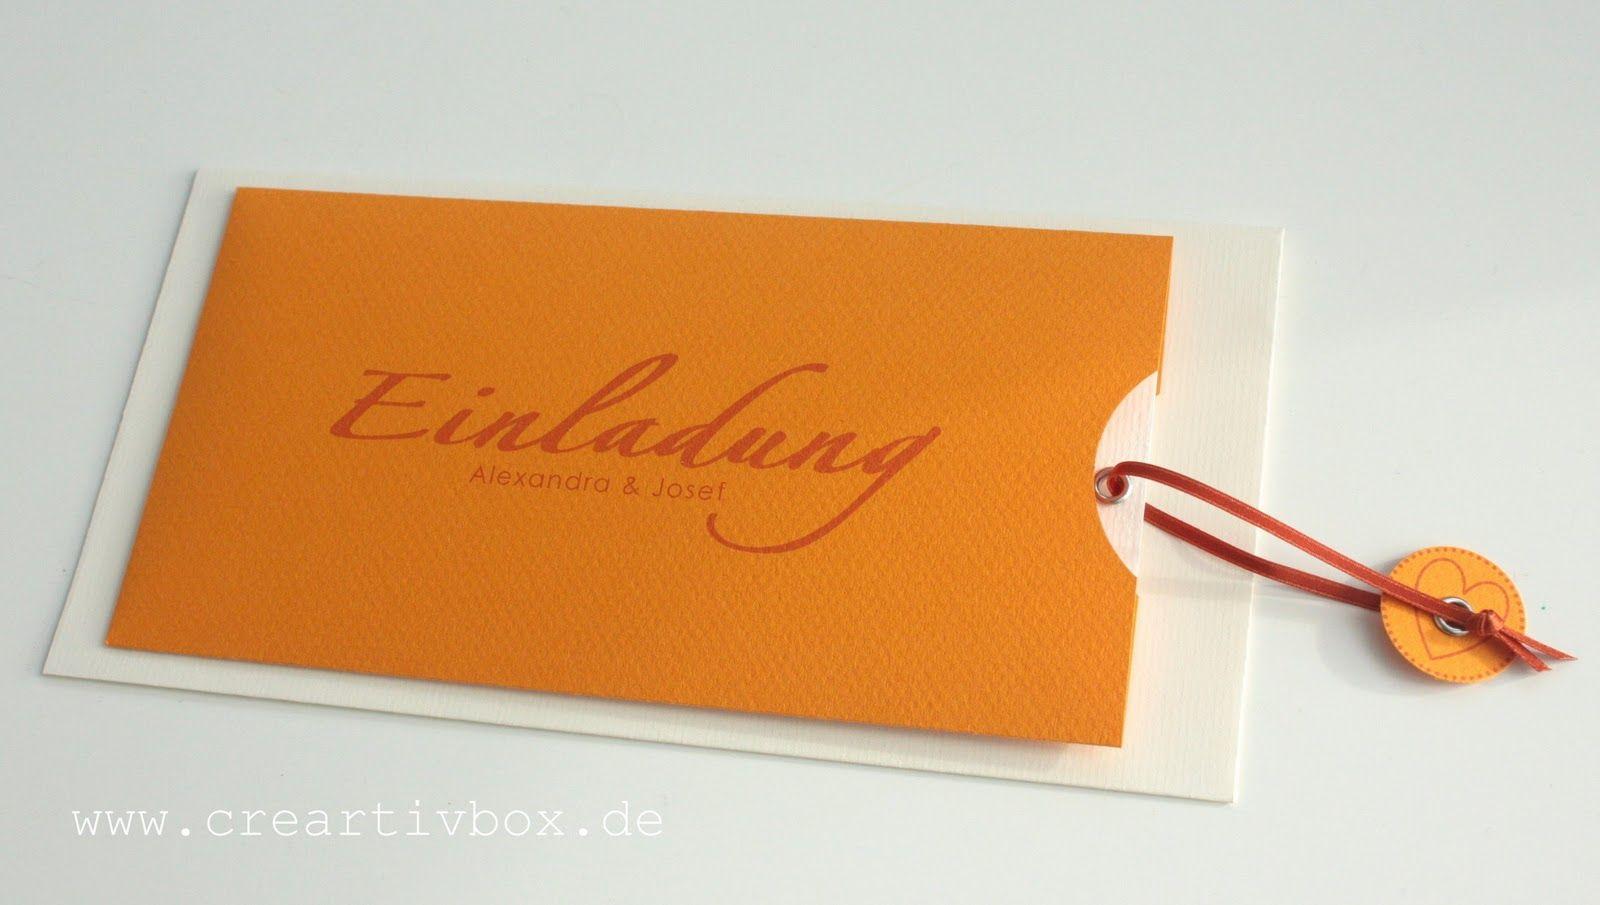 creartivx Hochzeitseinladungen ganz orange